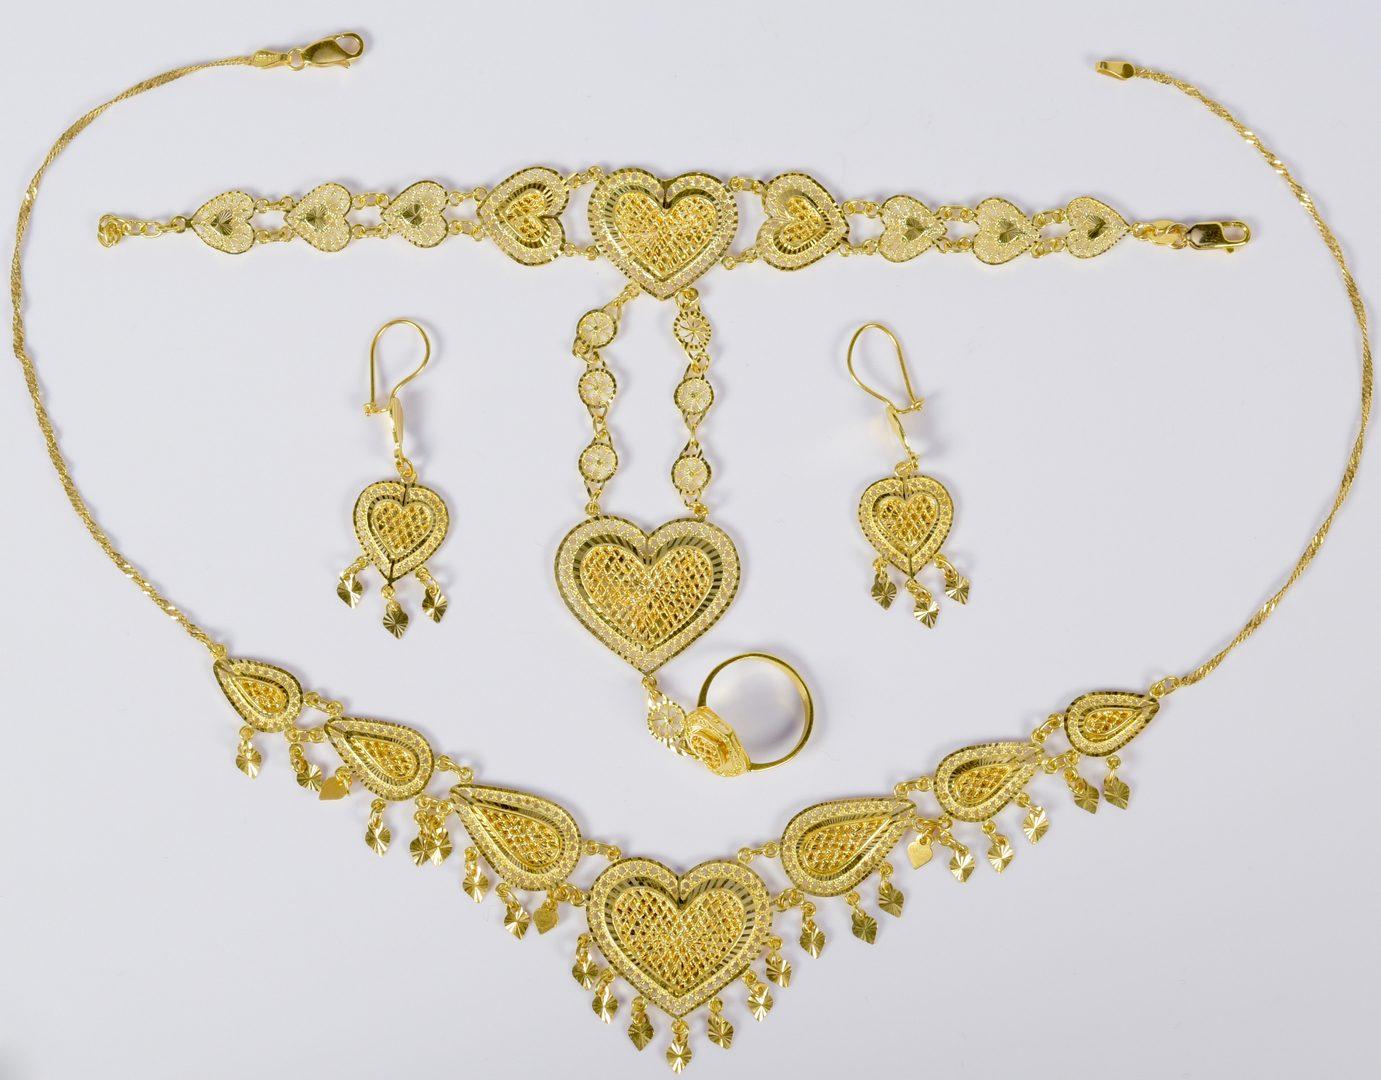 Lot 778 21K Gold Filigree Heart Jewelry 3pc Set